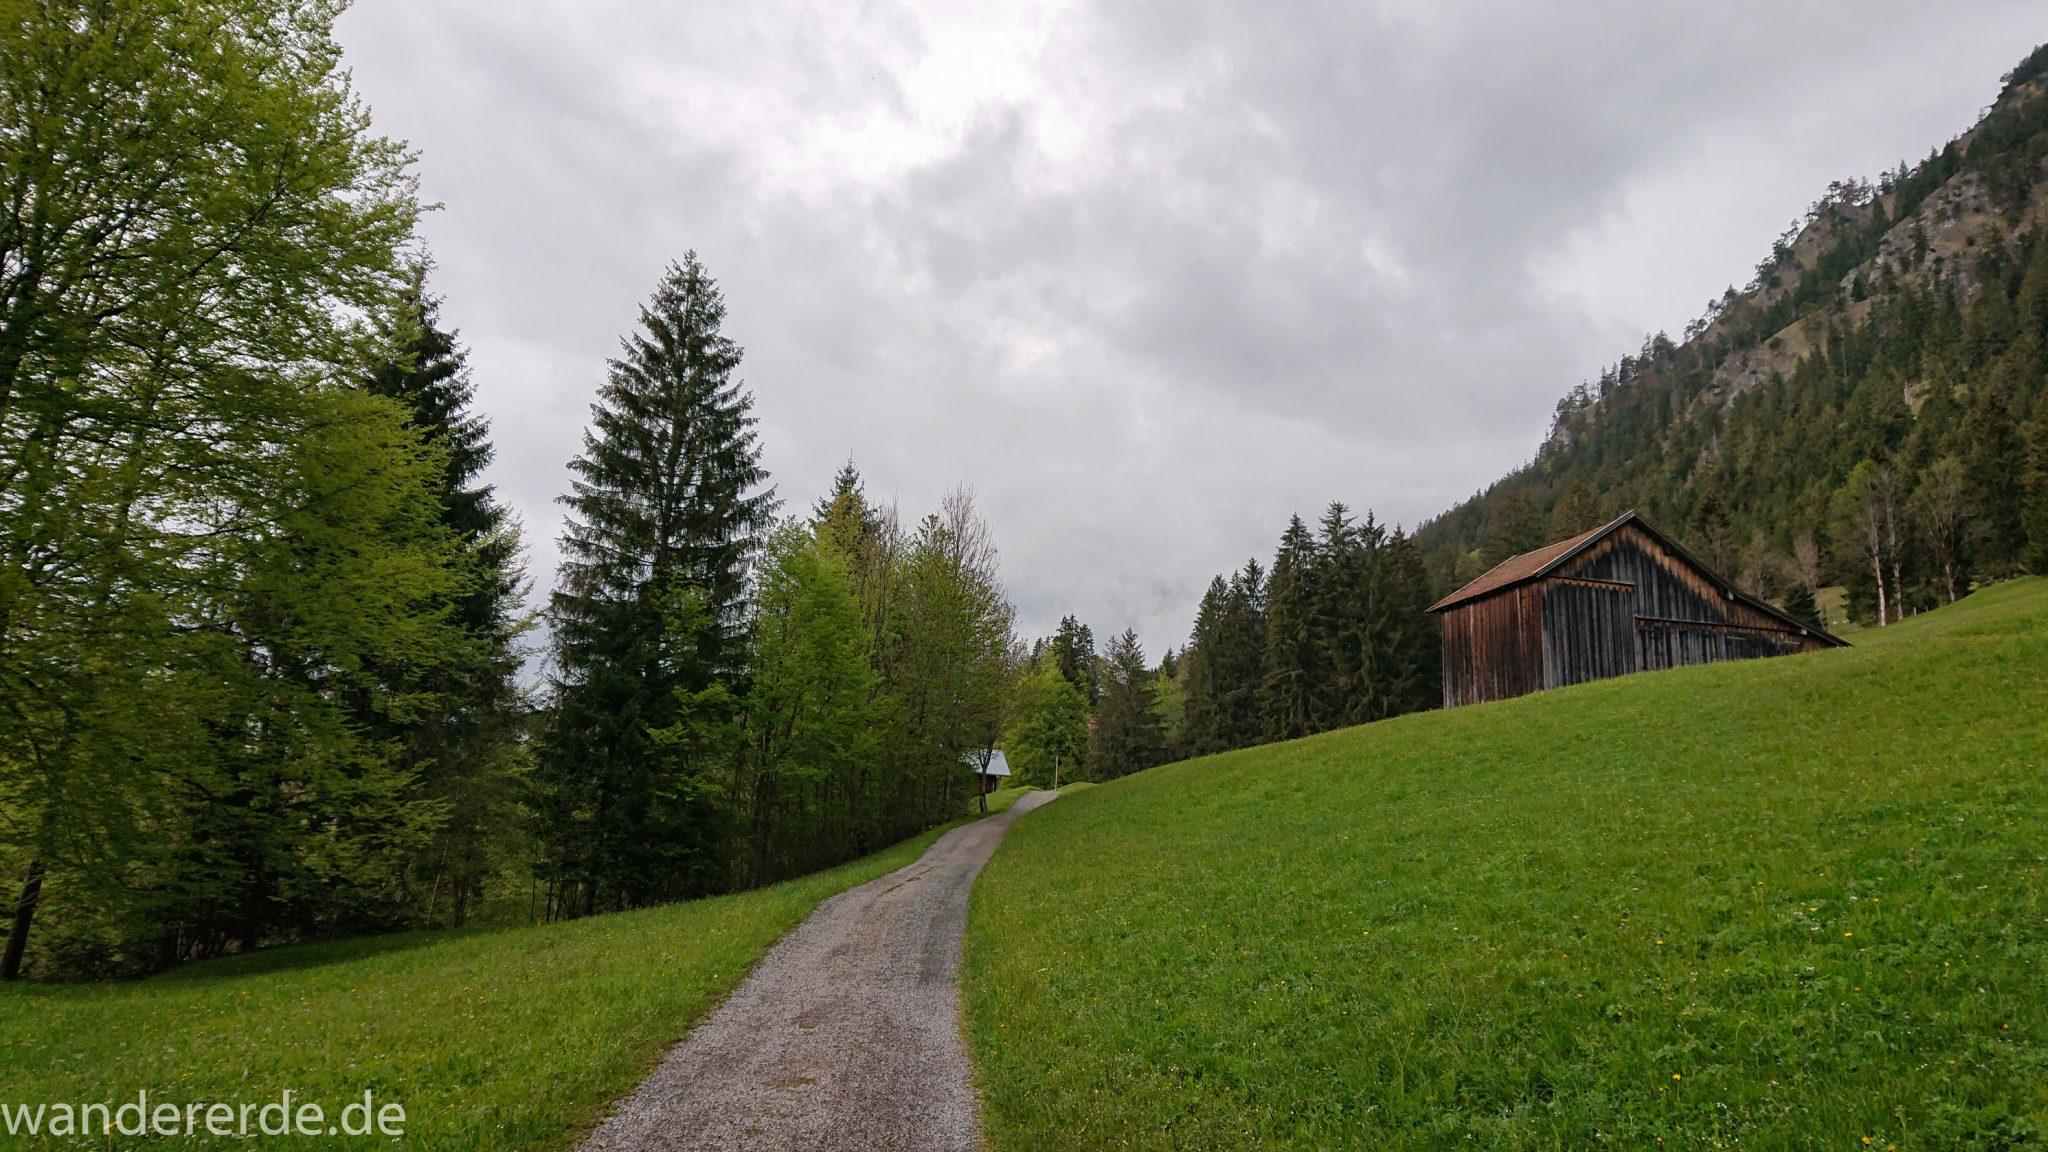 Wanderung im Oytal bei Oberstdorf im Allgäu, Bayern, Wanderung Richtung Oberstdorf über den Kühberg, sehr schöne Atmosphäre bei einsetzendem Regen